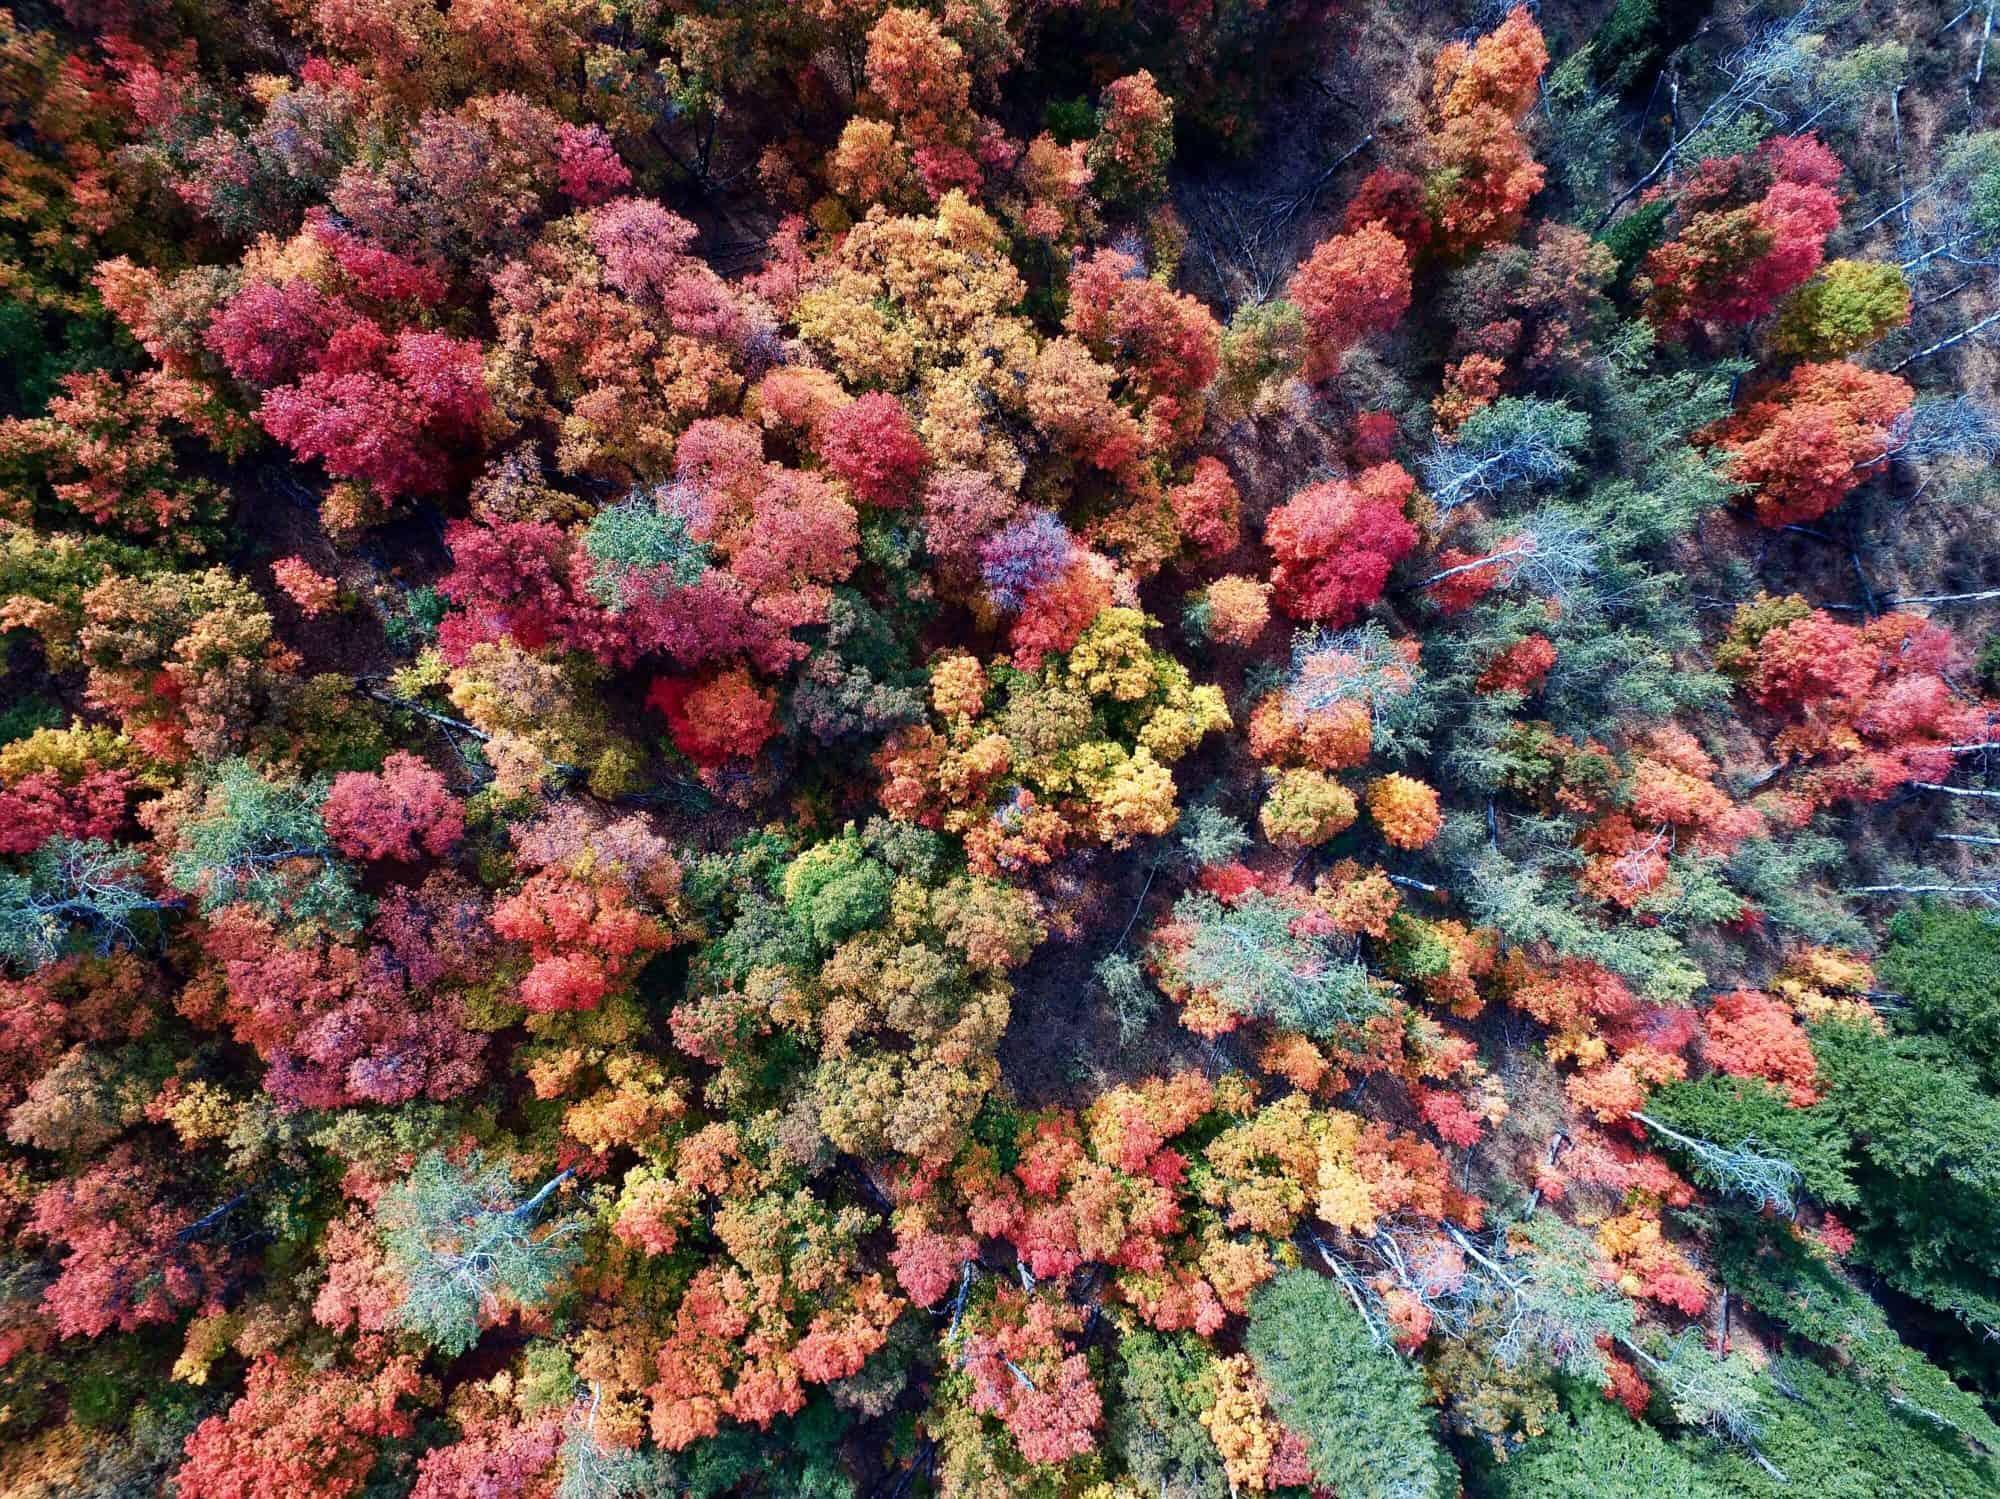 Der Herbst In Kanada Ein Festival Fur Die Augen Kanadastisch